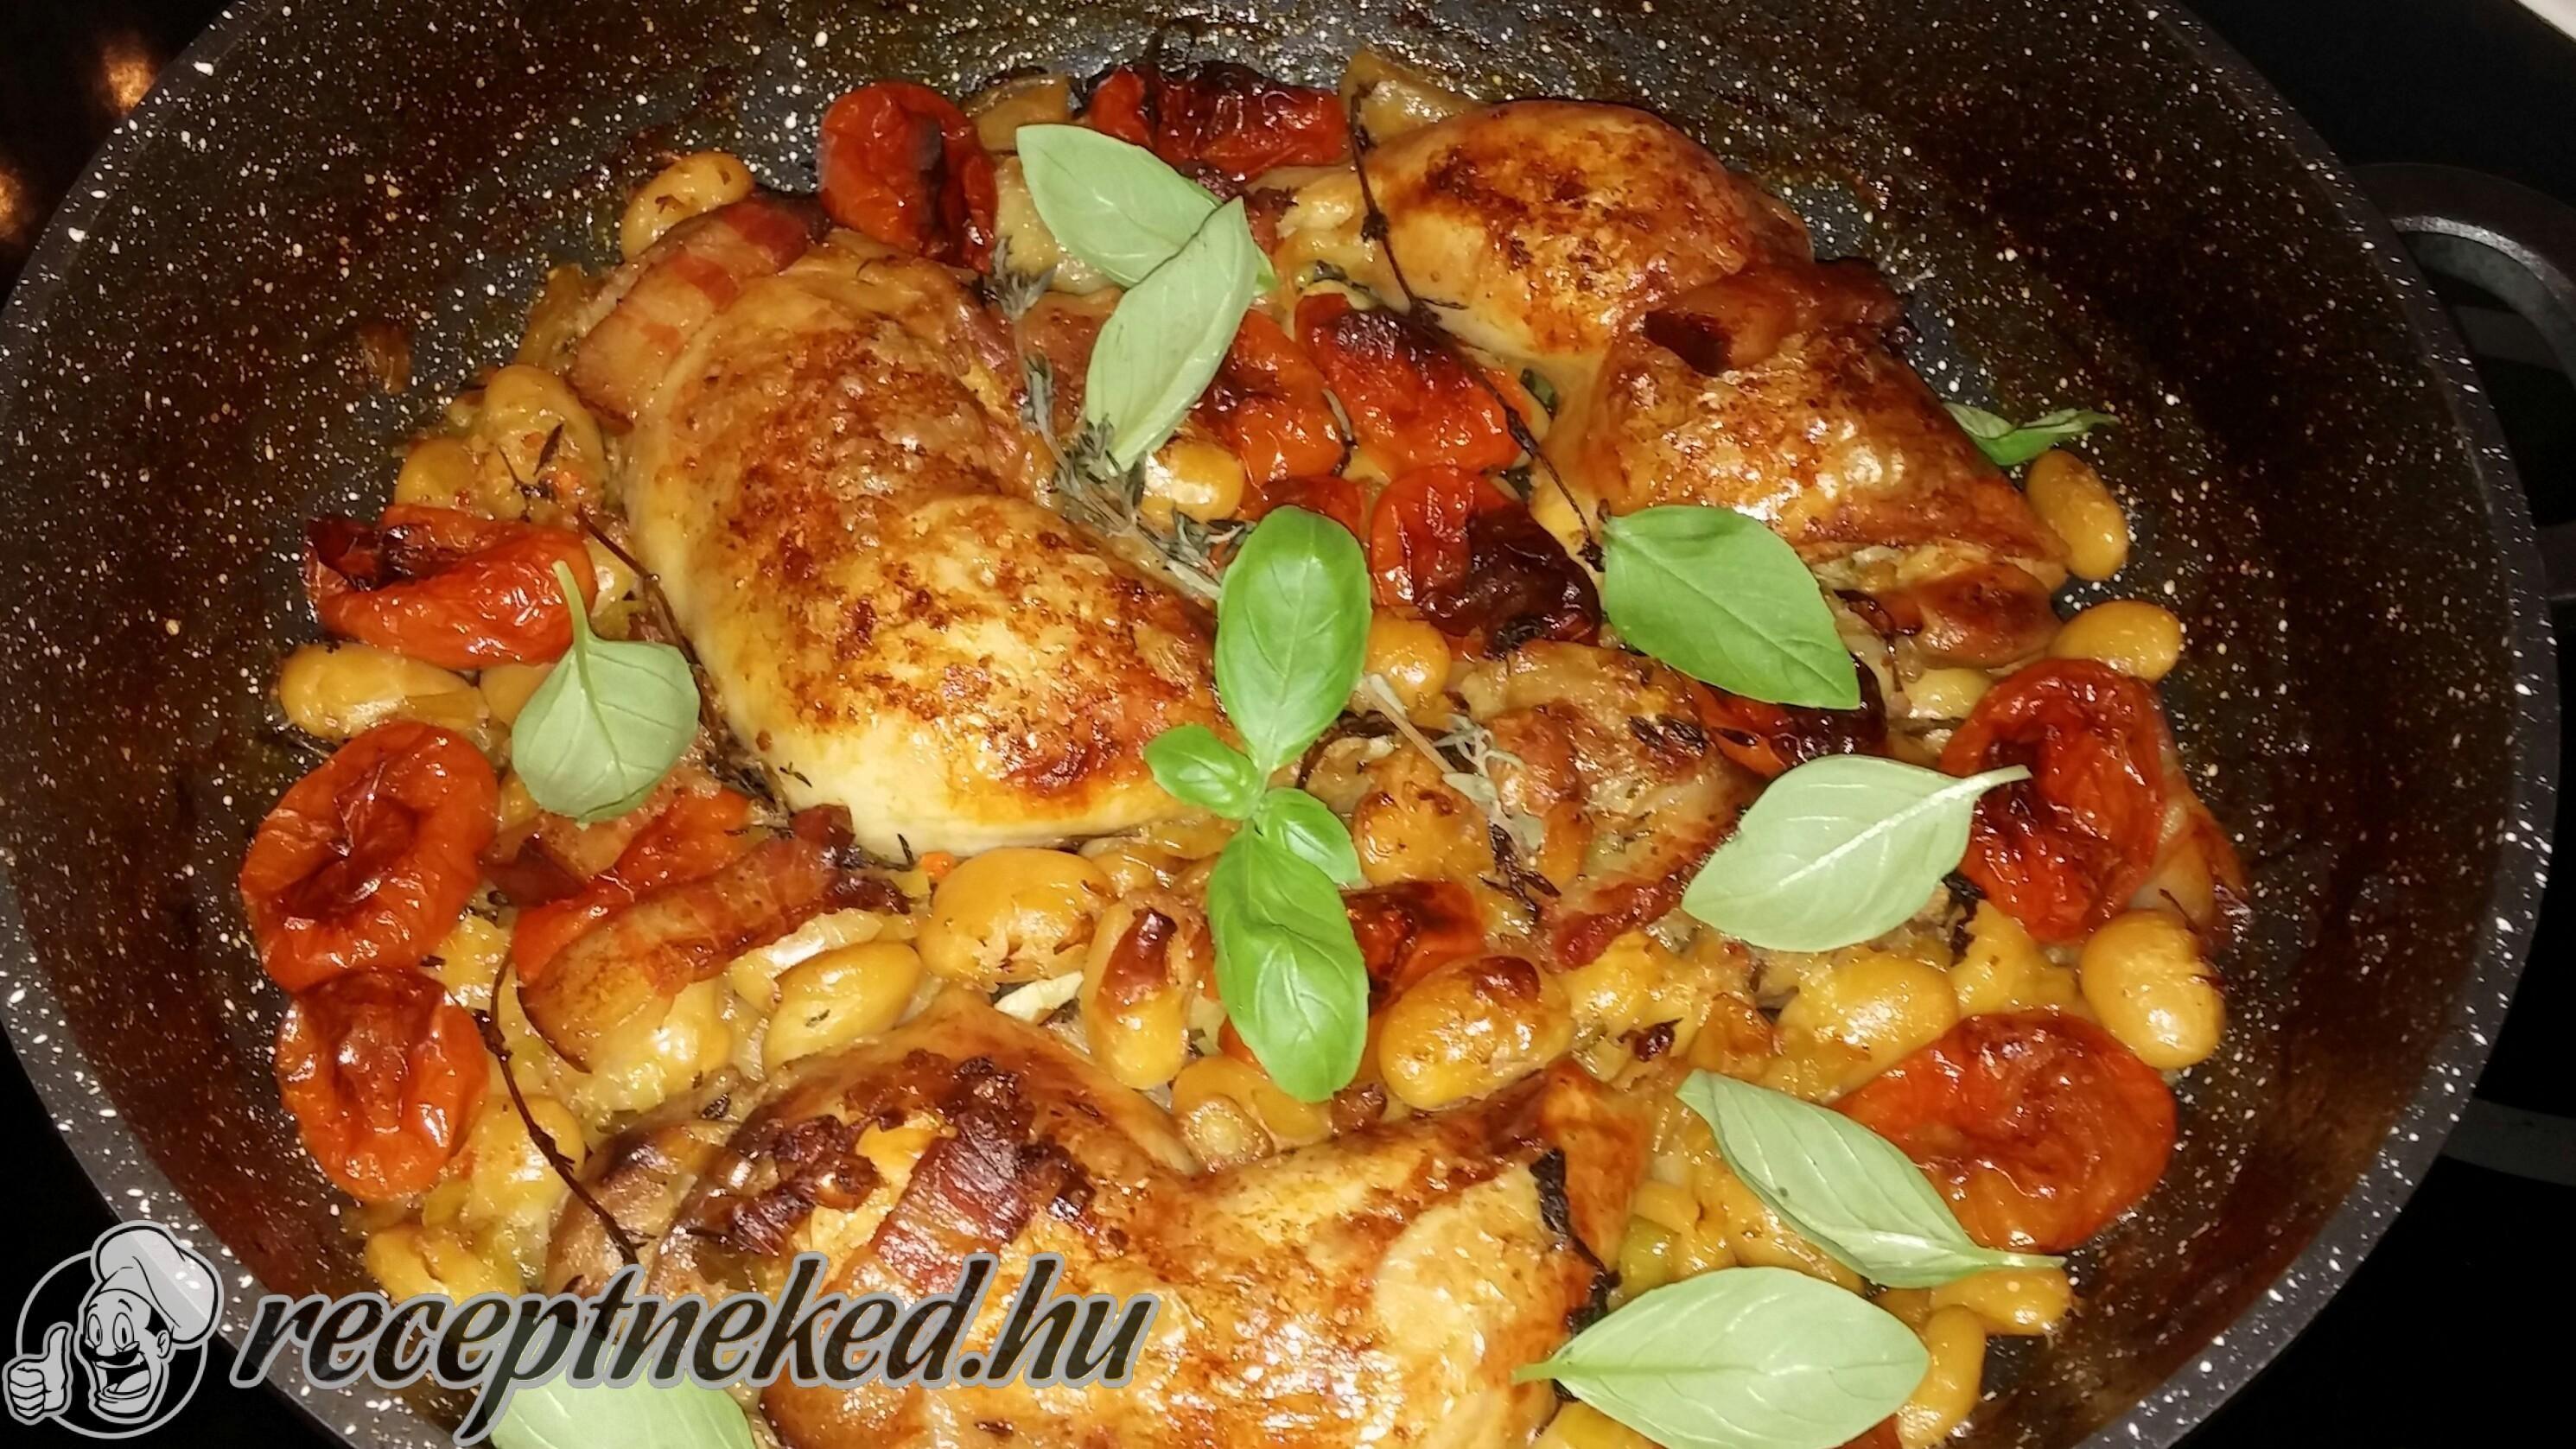 A legjobb Tepsis csirke recept fotóval egyenesen a Receptneked.hu gyűjteményéből. Küldte: GastroHobbi GmLm